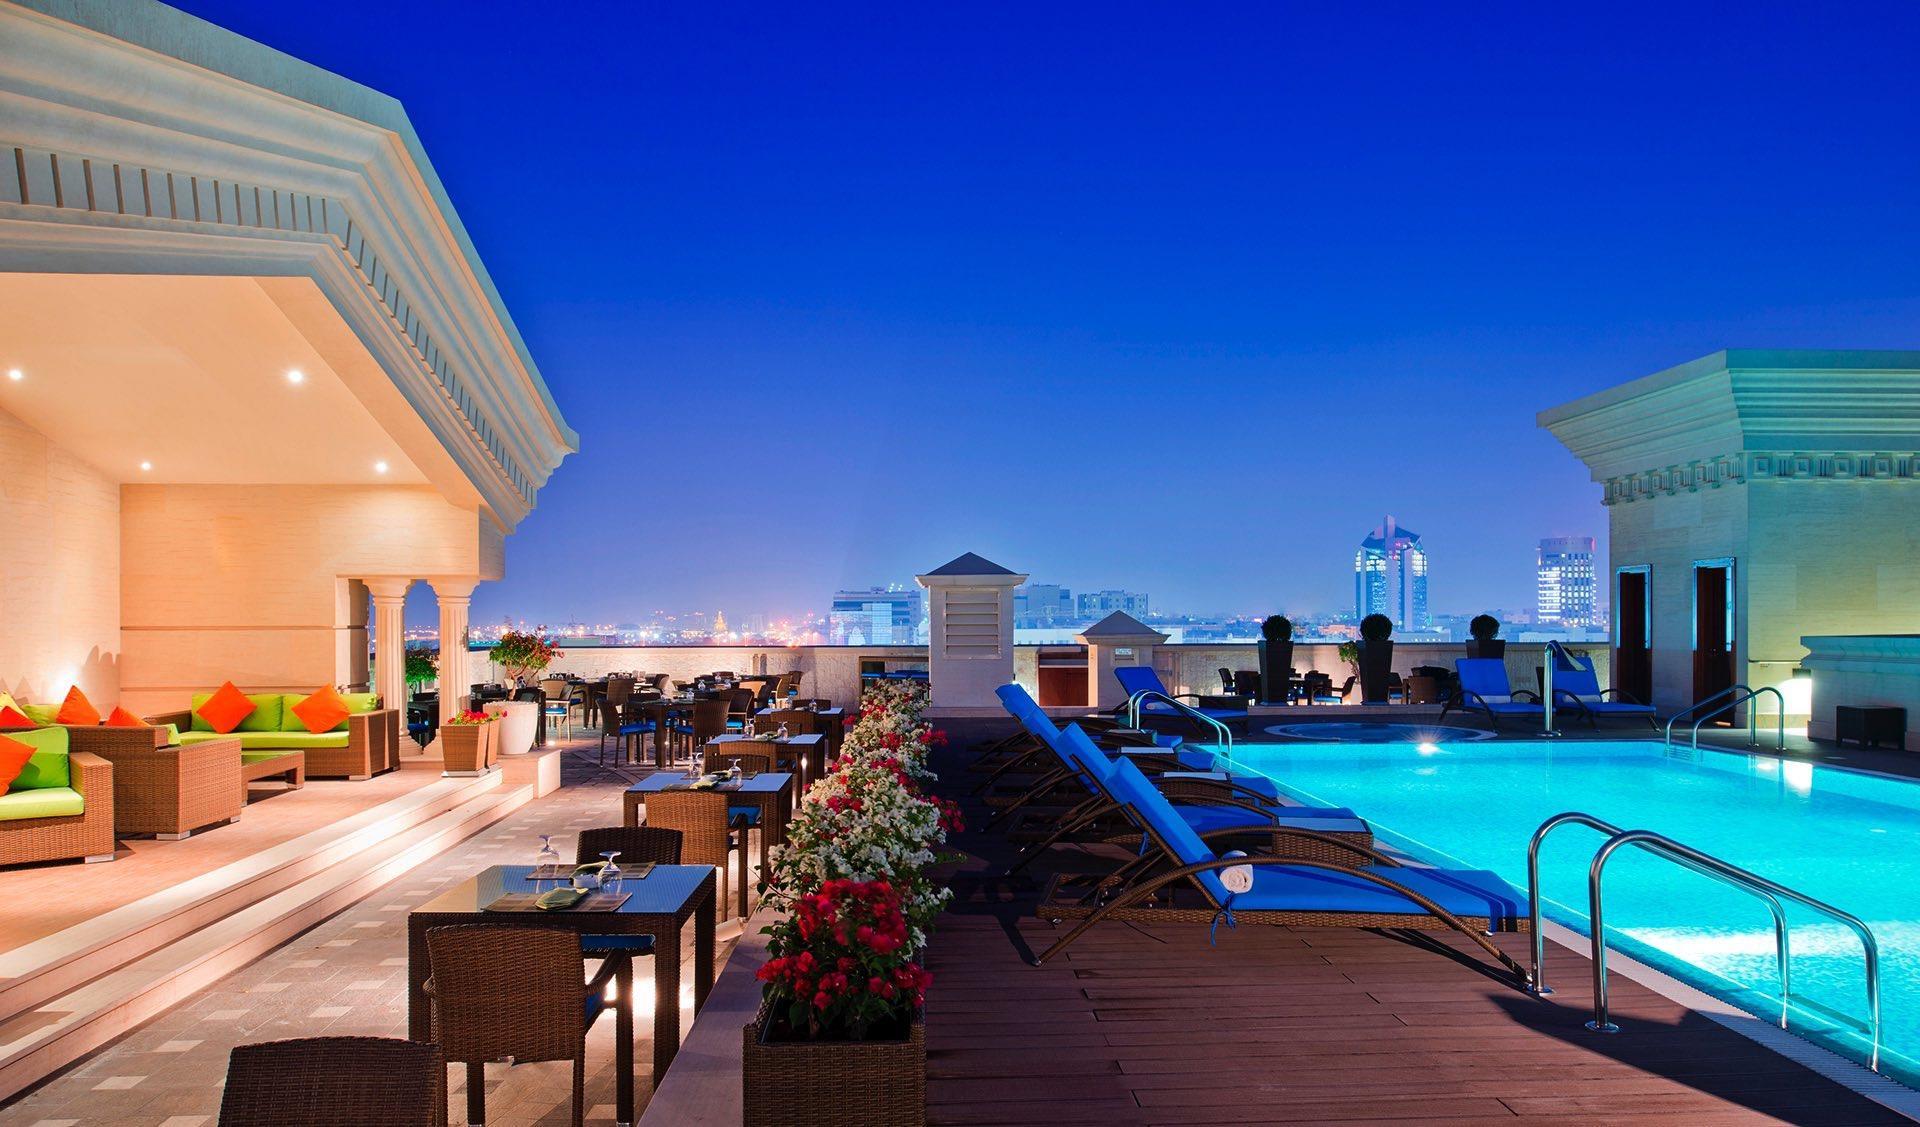 بار مون ديك مع حوض السّباحة في ورويك الدوحة